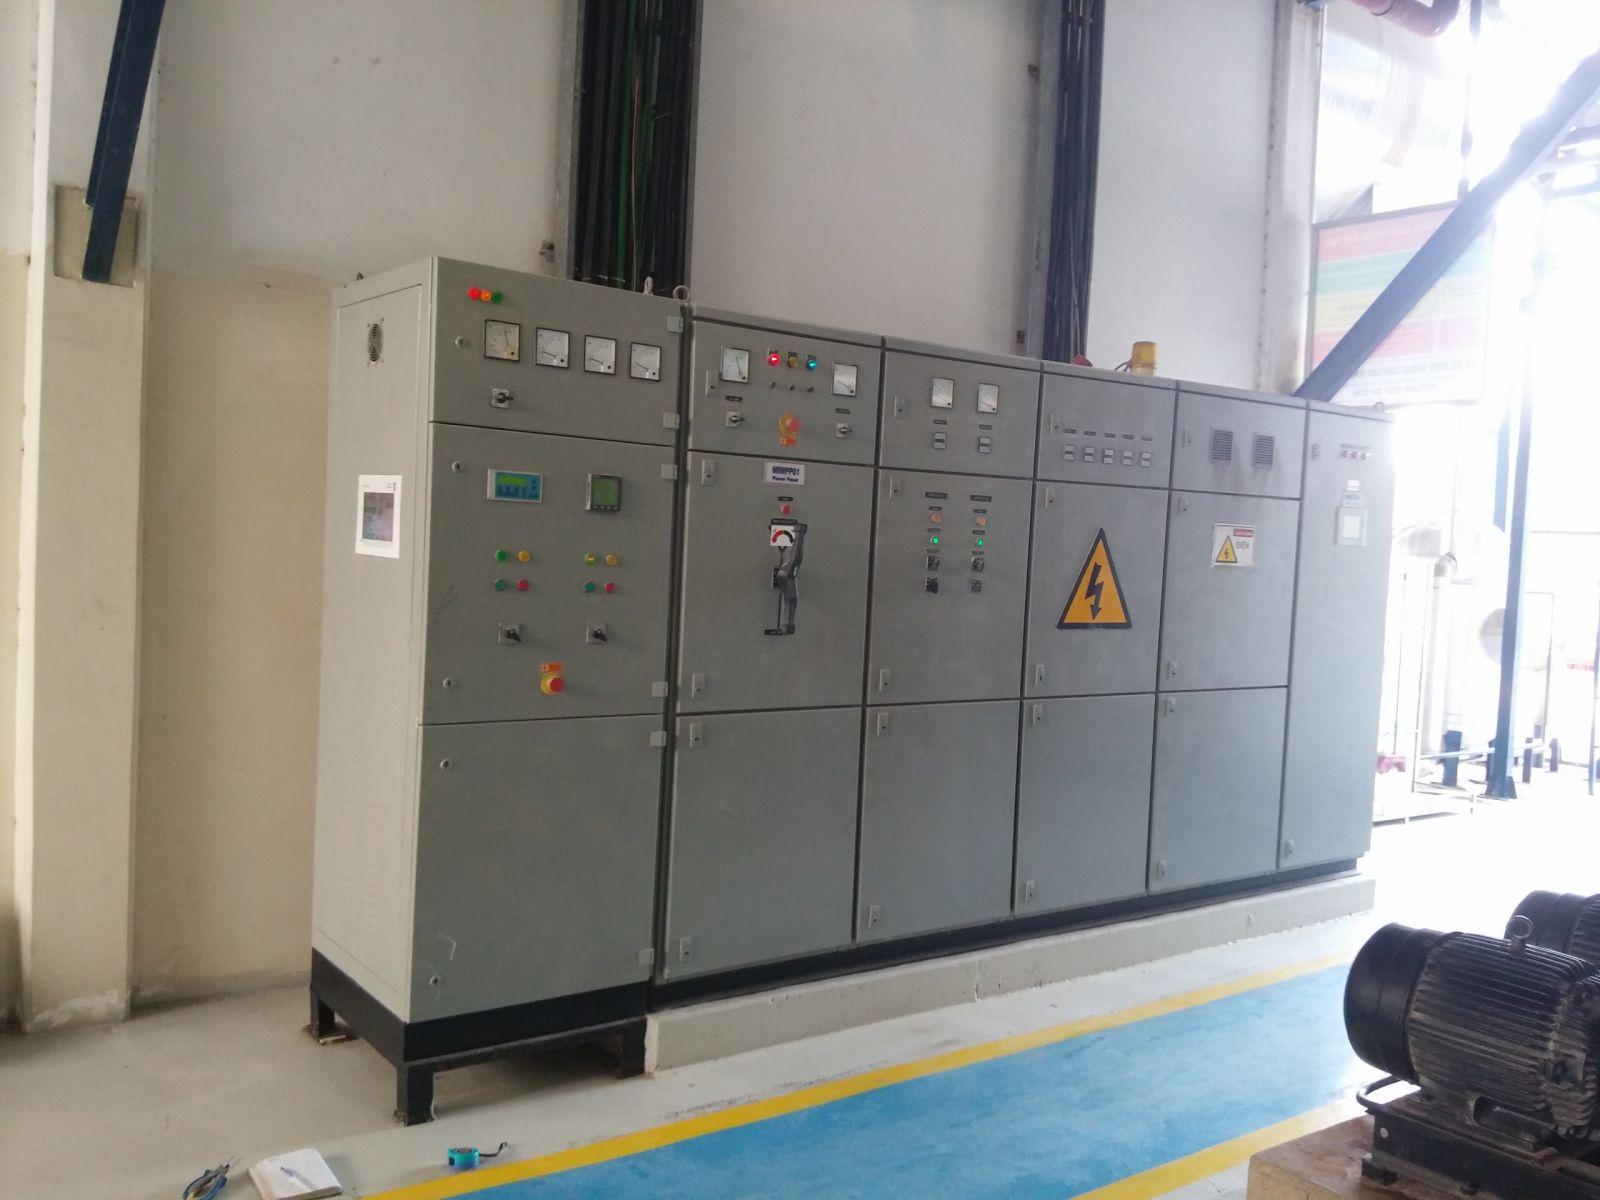 Tủ điện, tủ điện phân phối, tủ điện điều khiển chính hãng mới nhất 2019